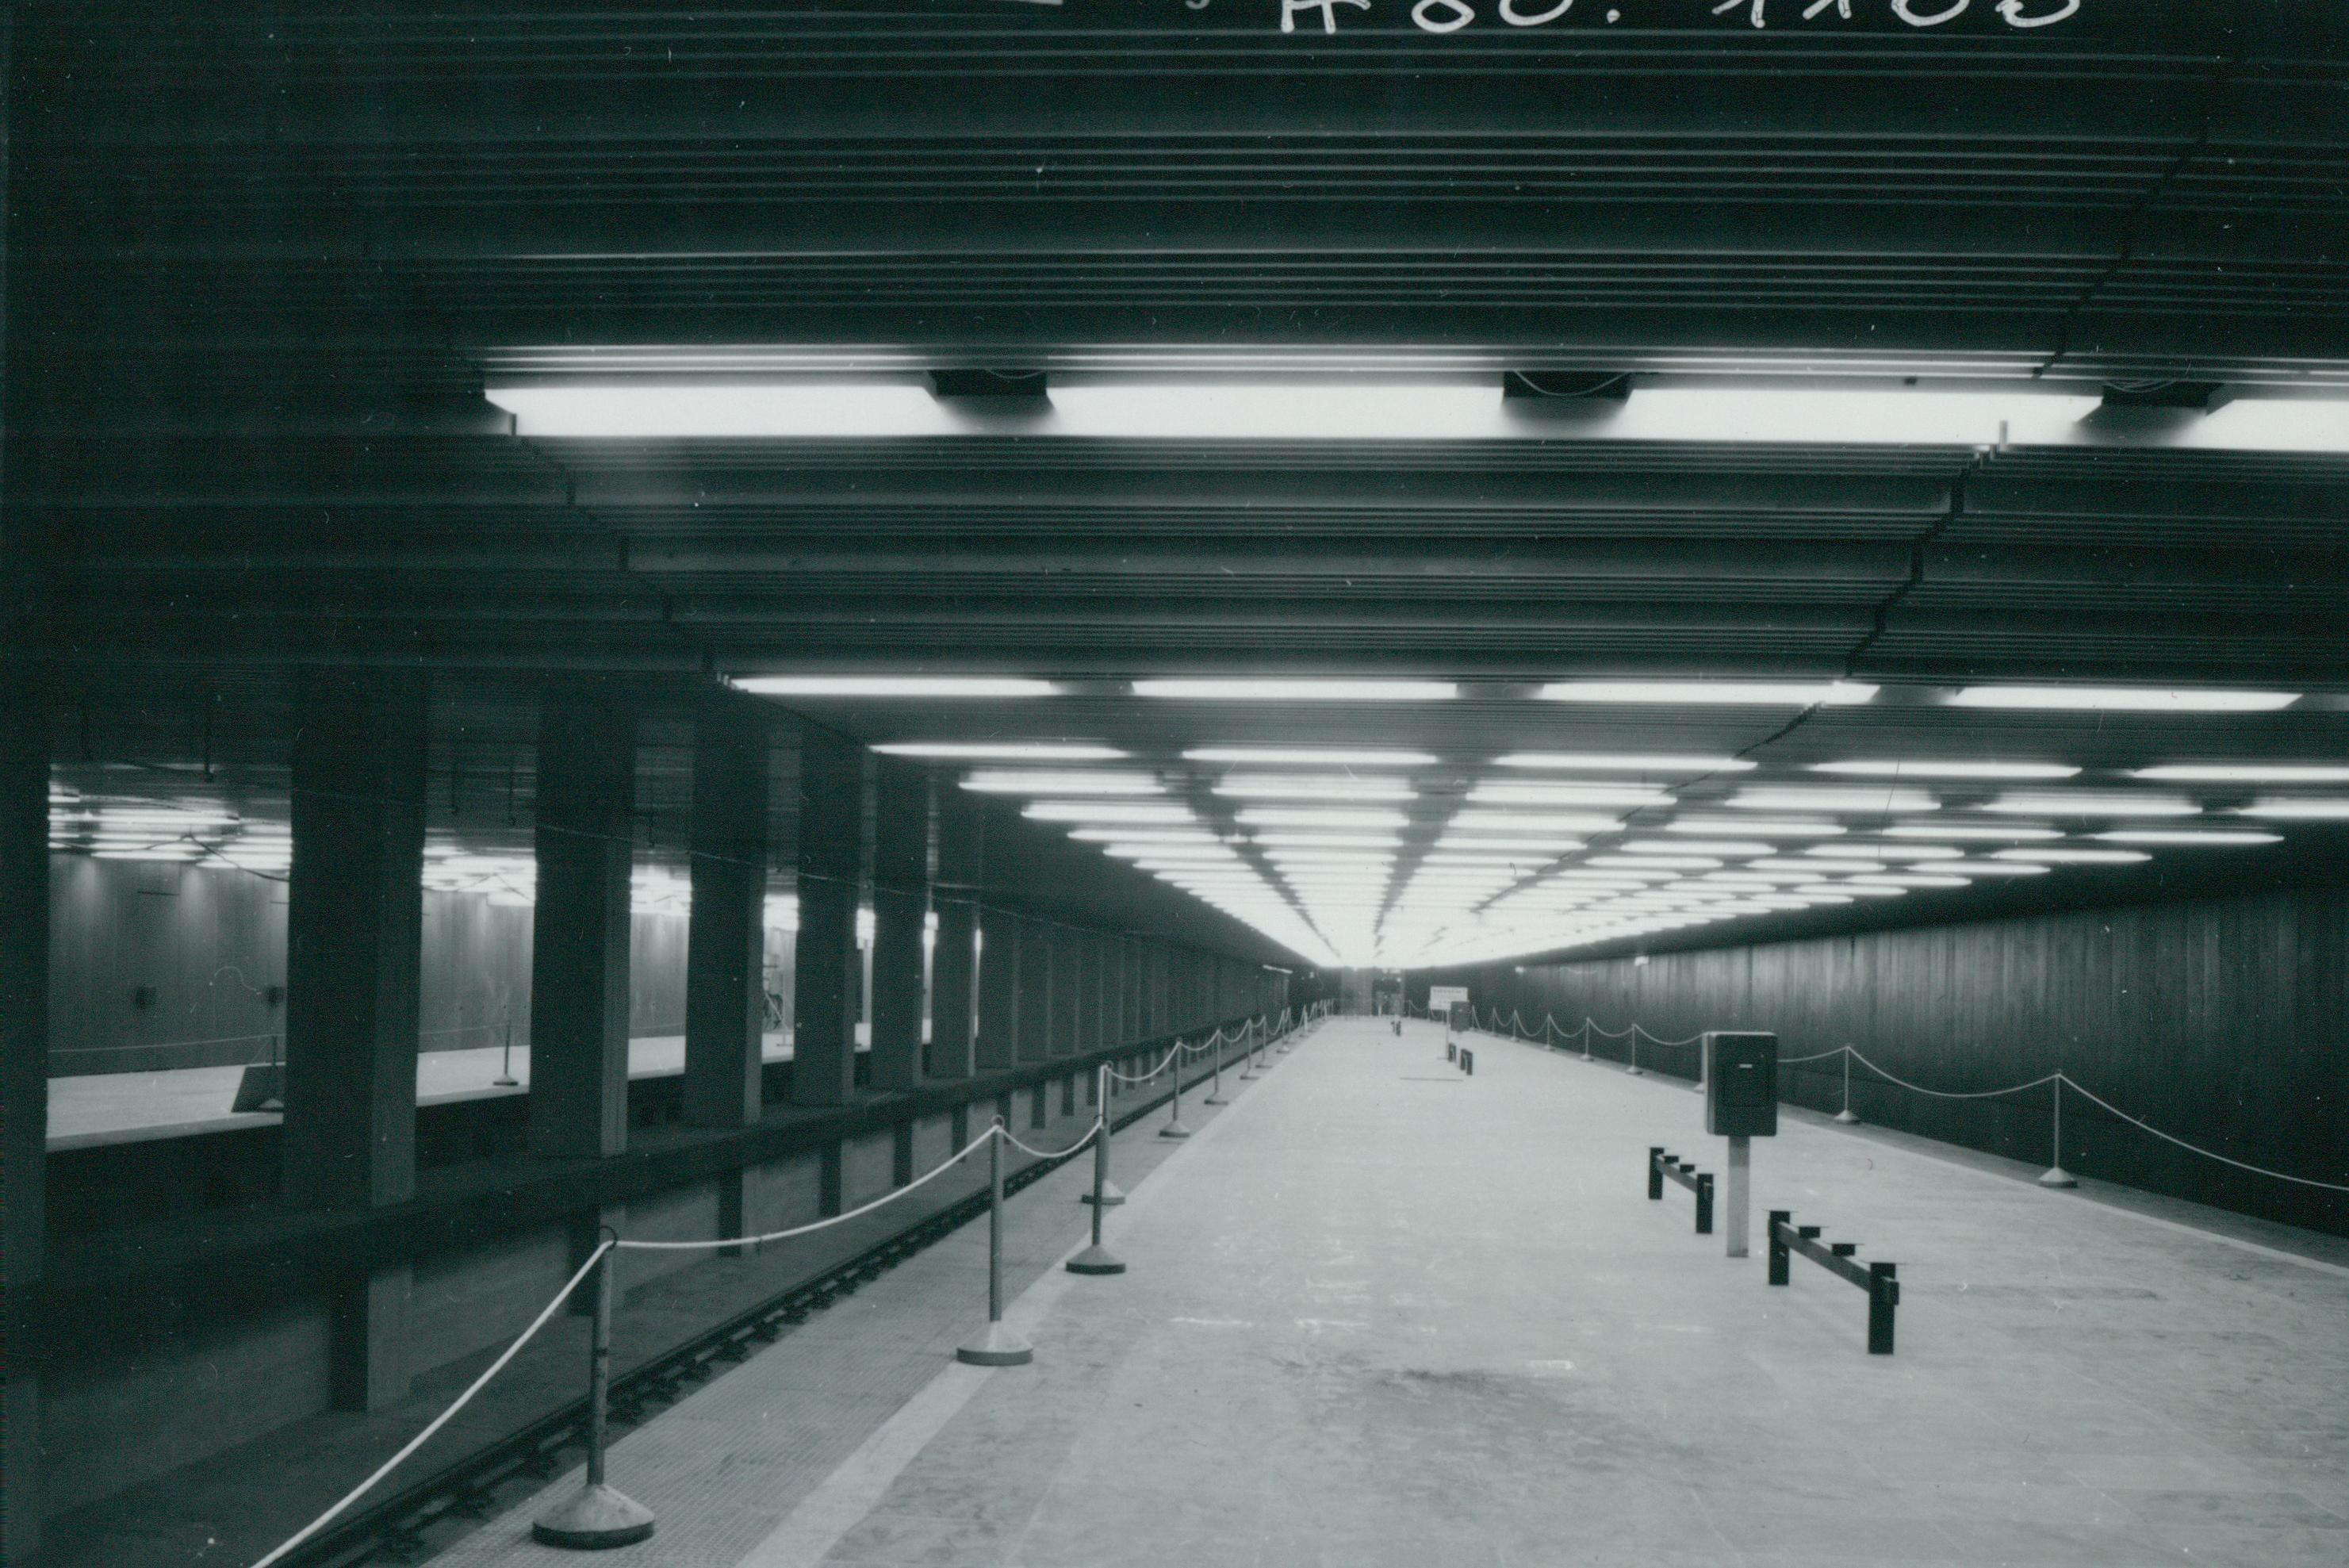 A 3-as metró Határ úti megállója